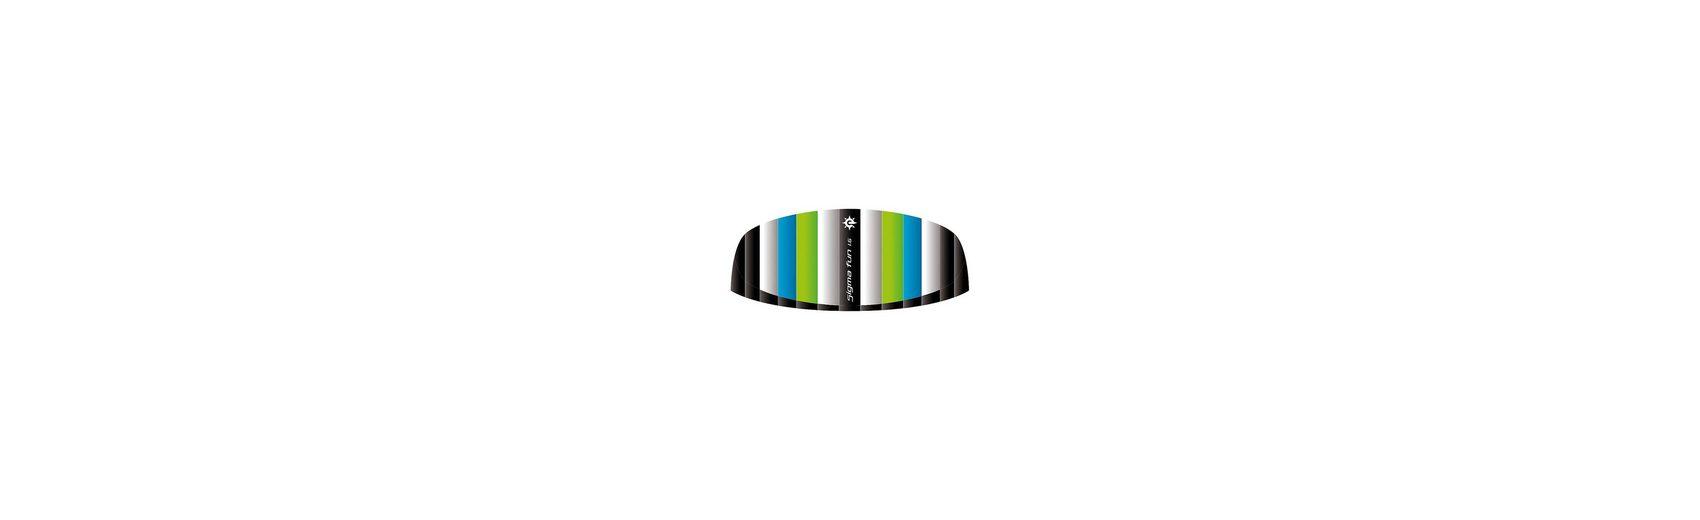 Drachen Sigma Fun 1.6, weiß/blau/grün, Zweileiner